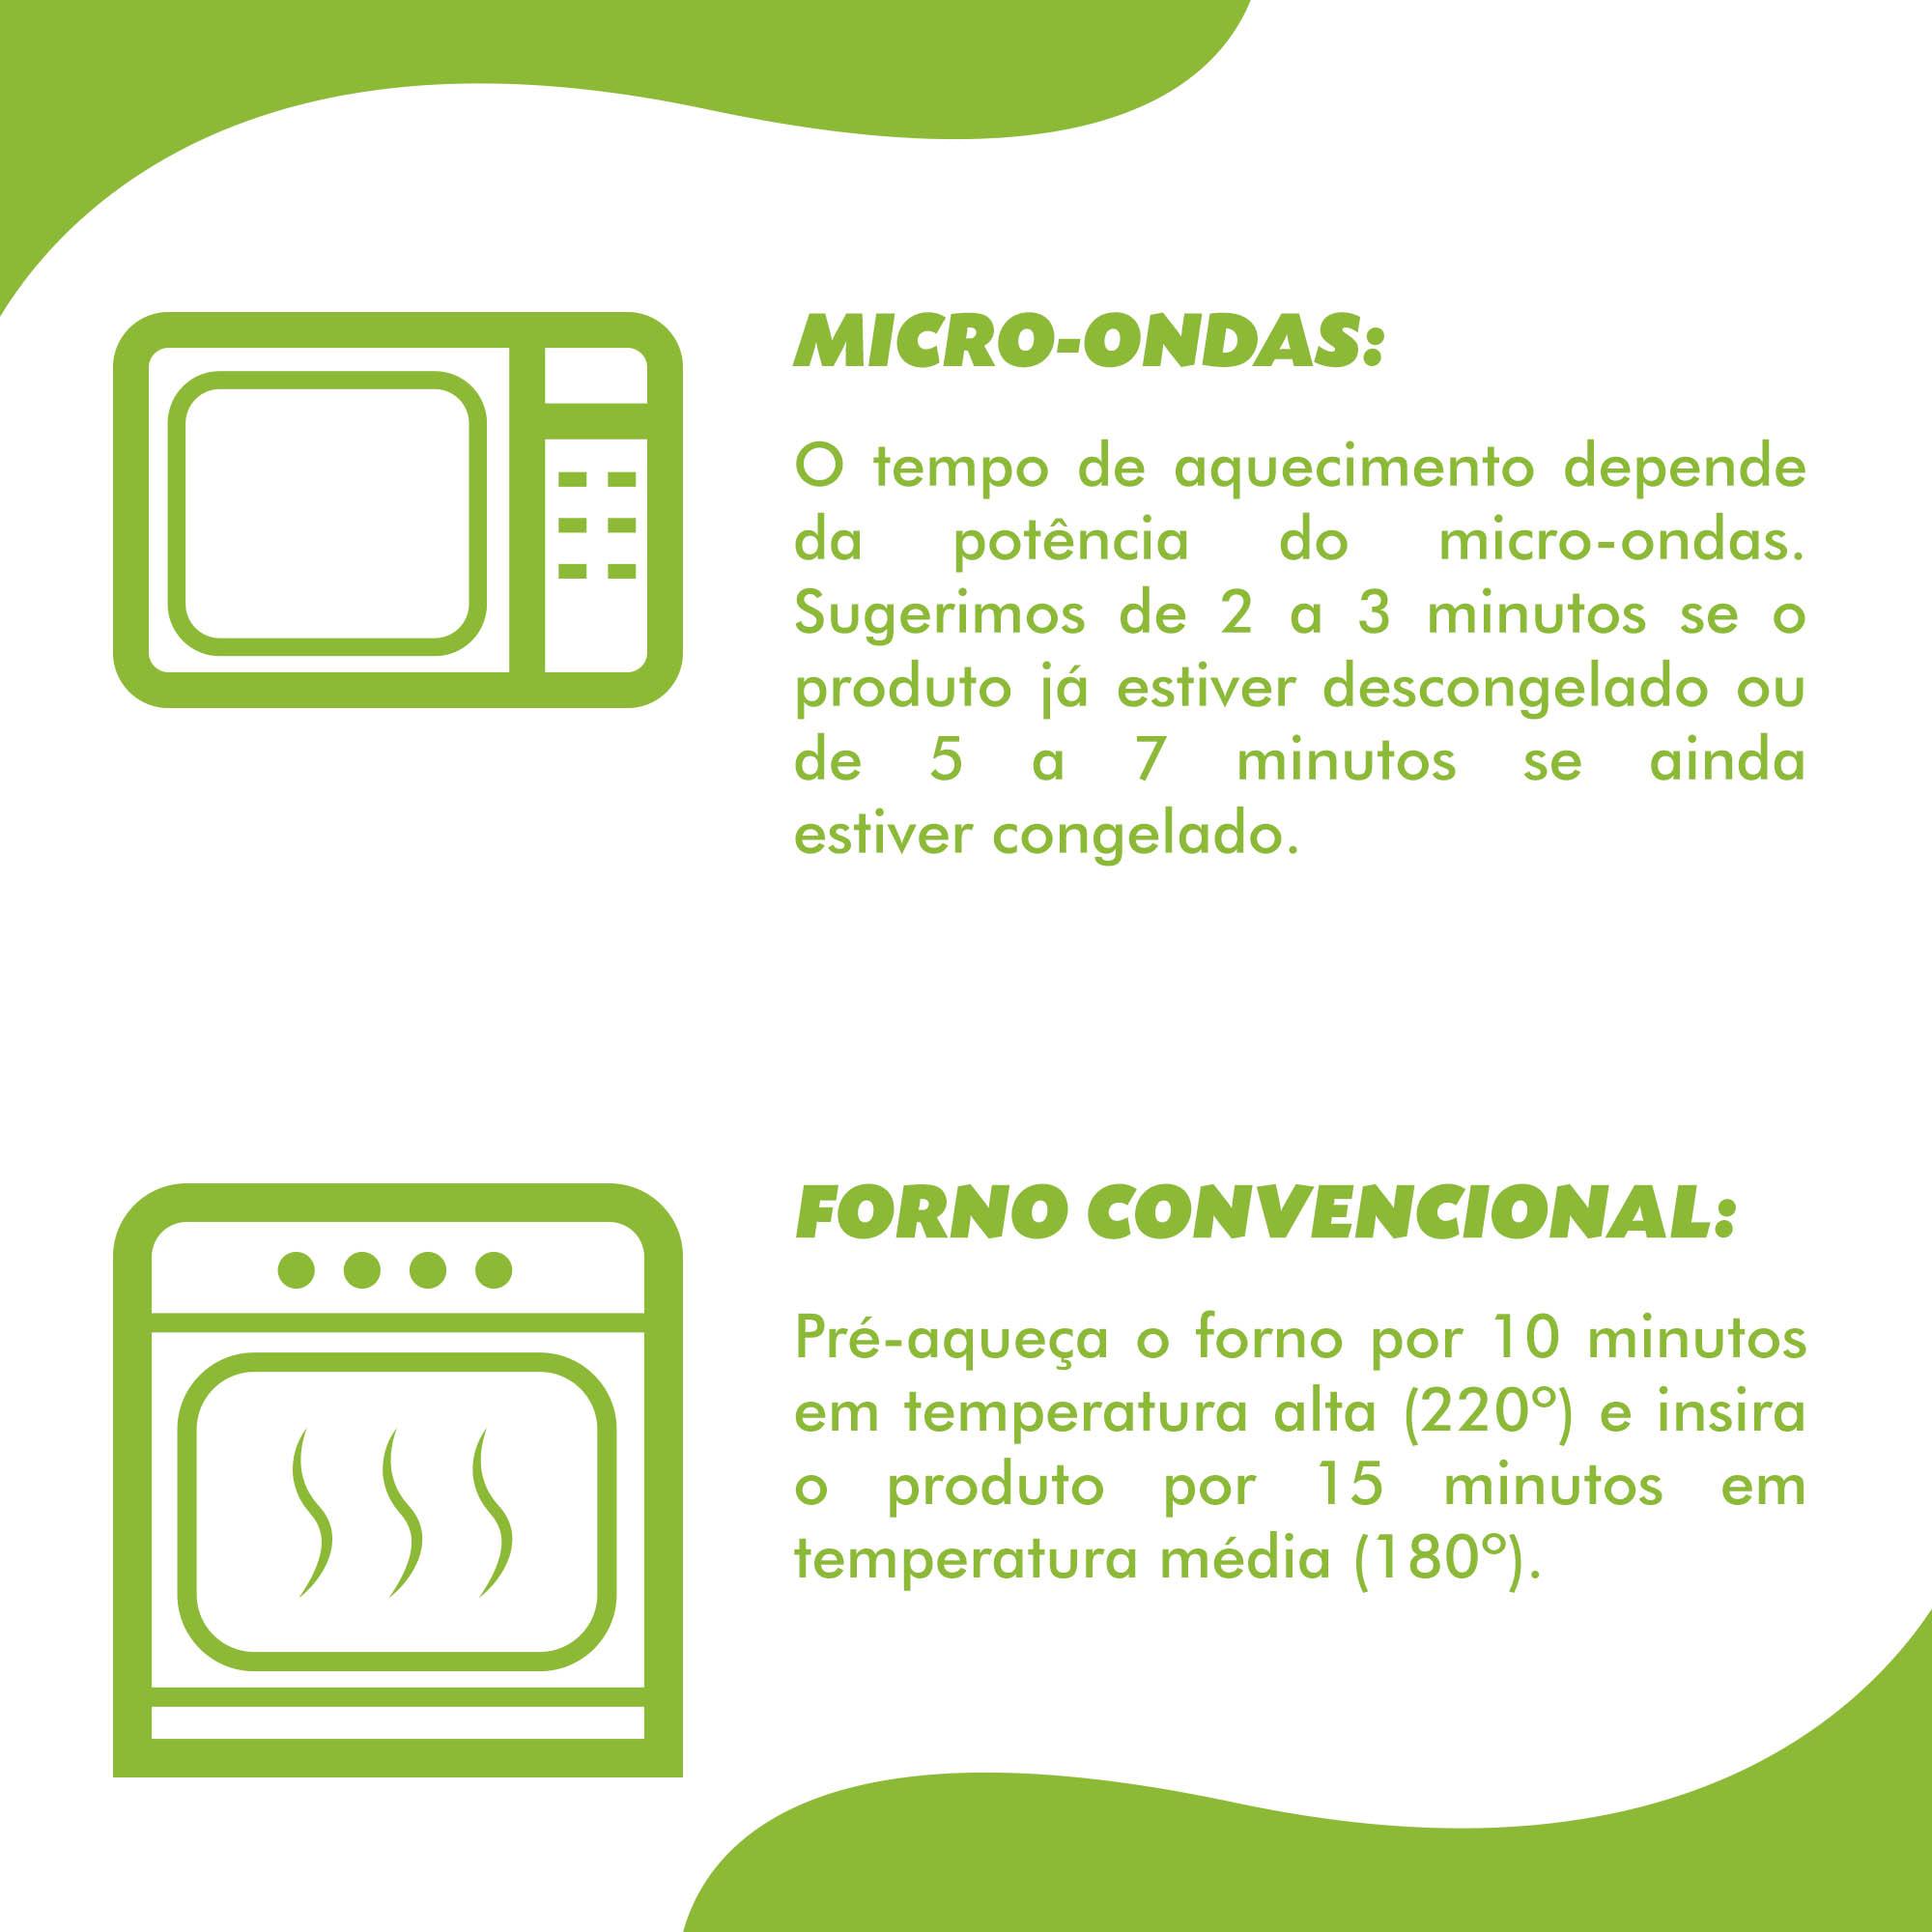 Ragu de carne + Homus + Cenoura ao forno (330g)